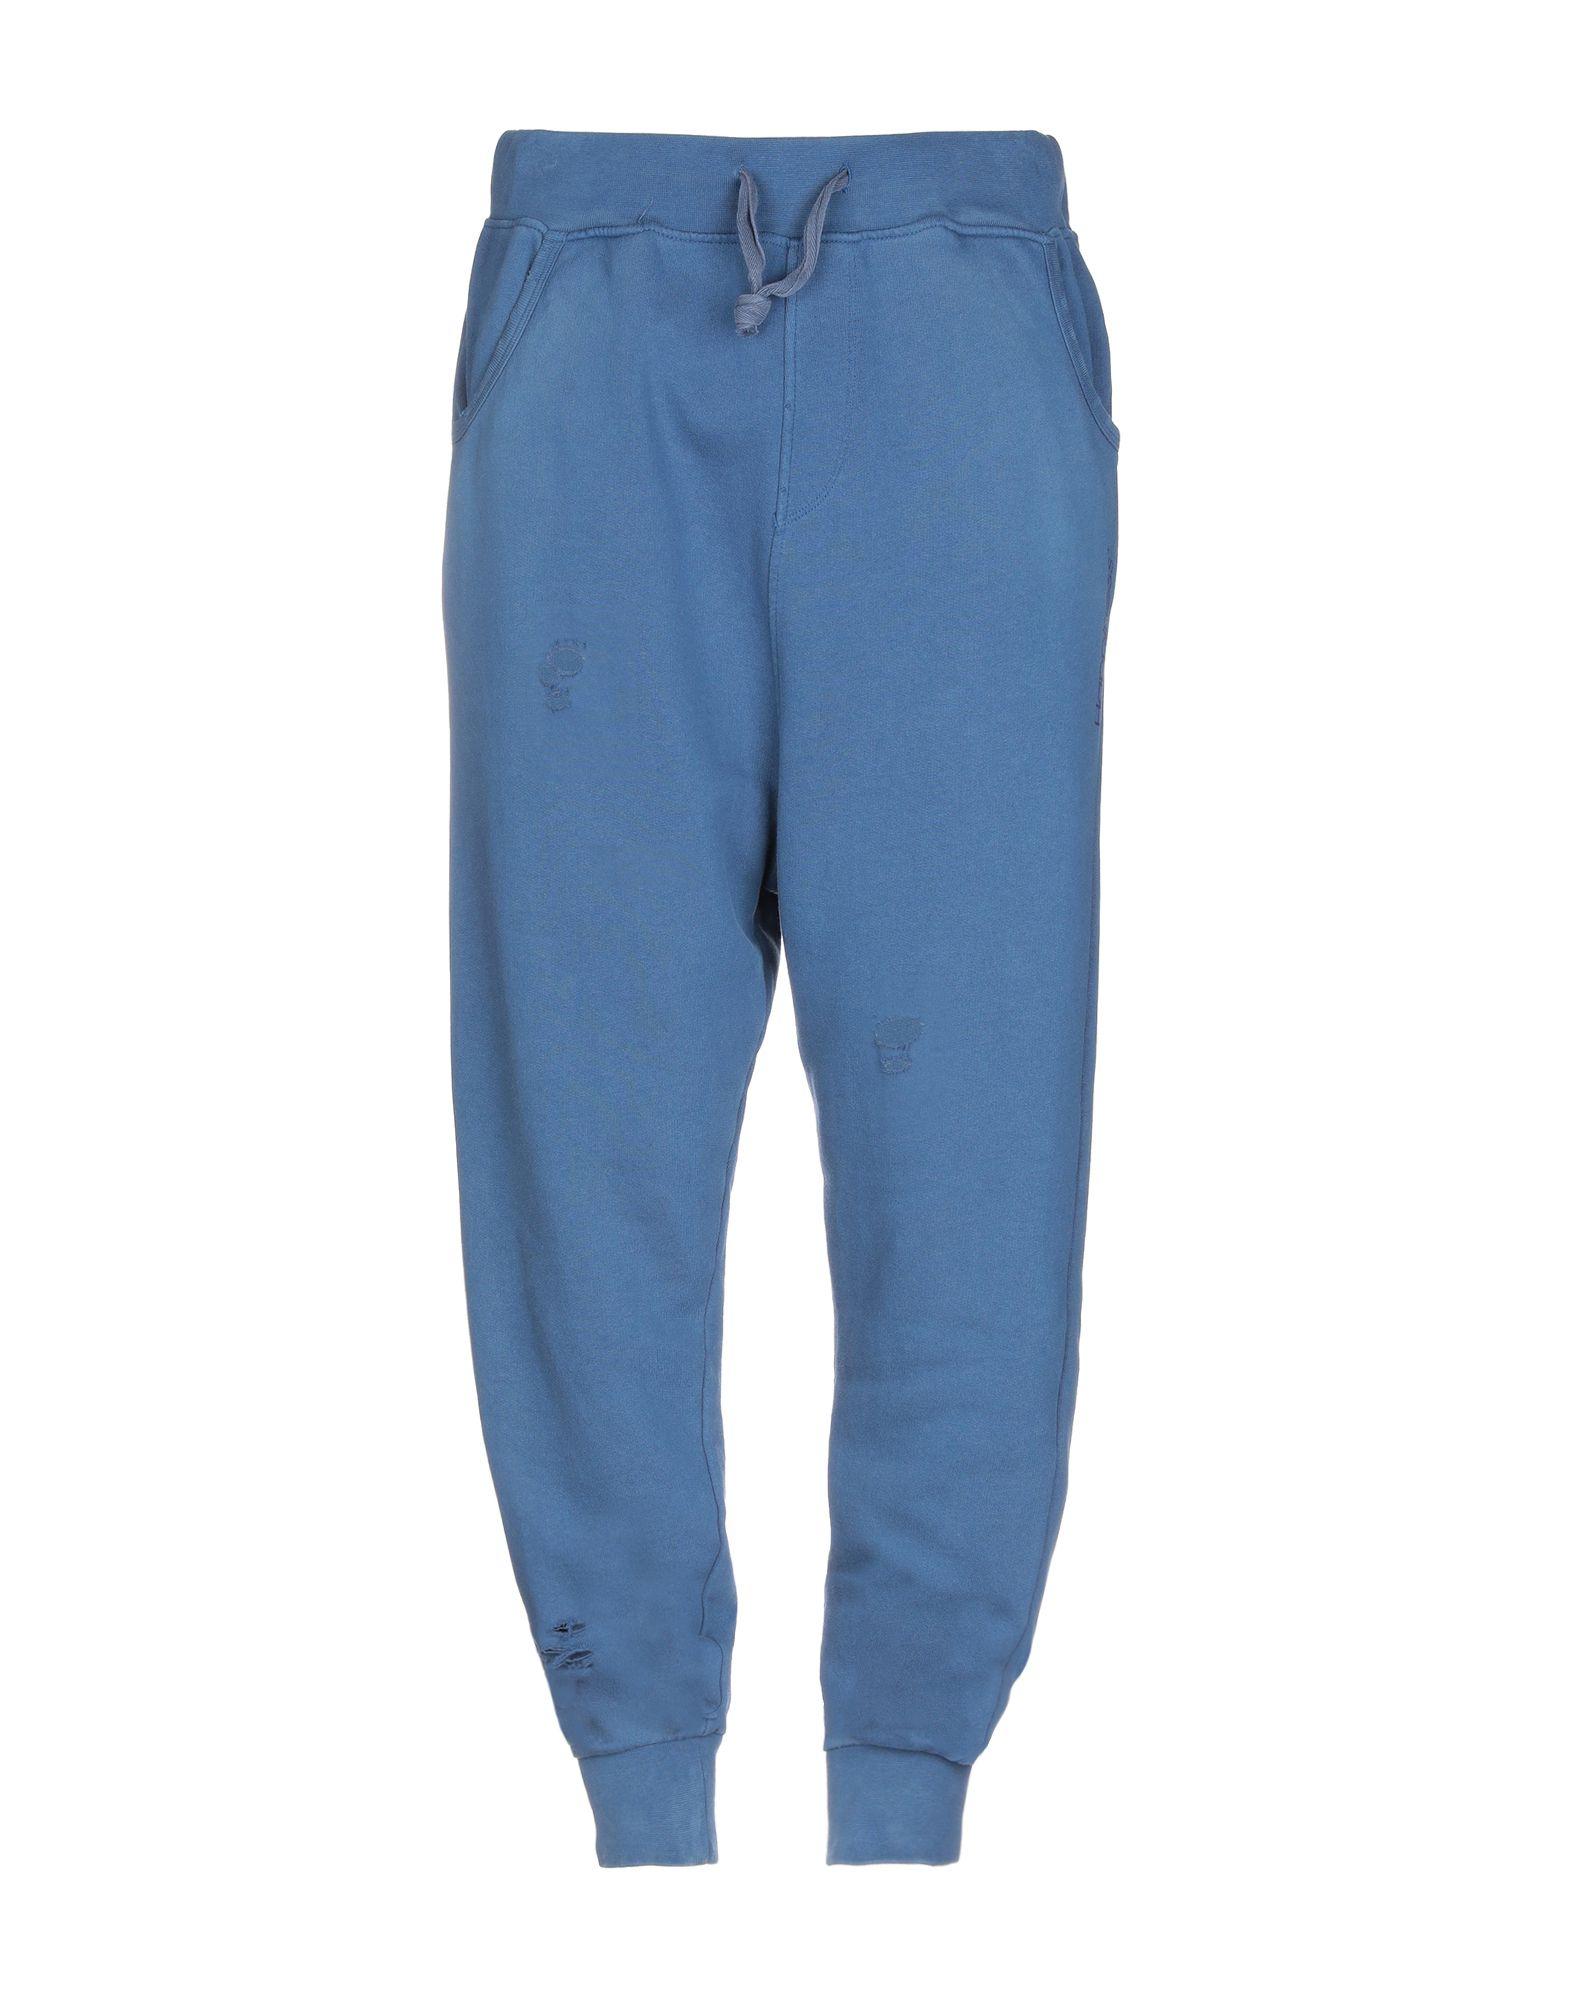 《送料無料》HAPPINESS メンズ パンツ ブルー XL コットン 100%